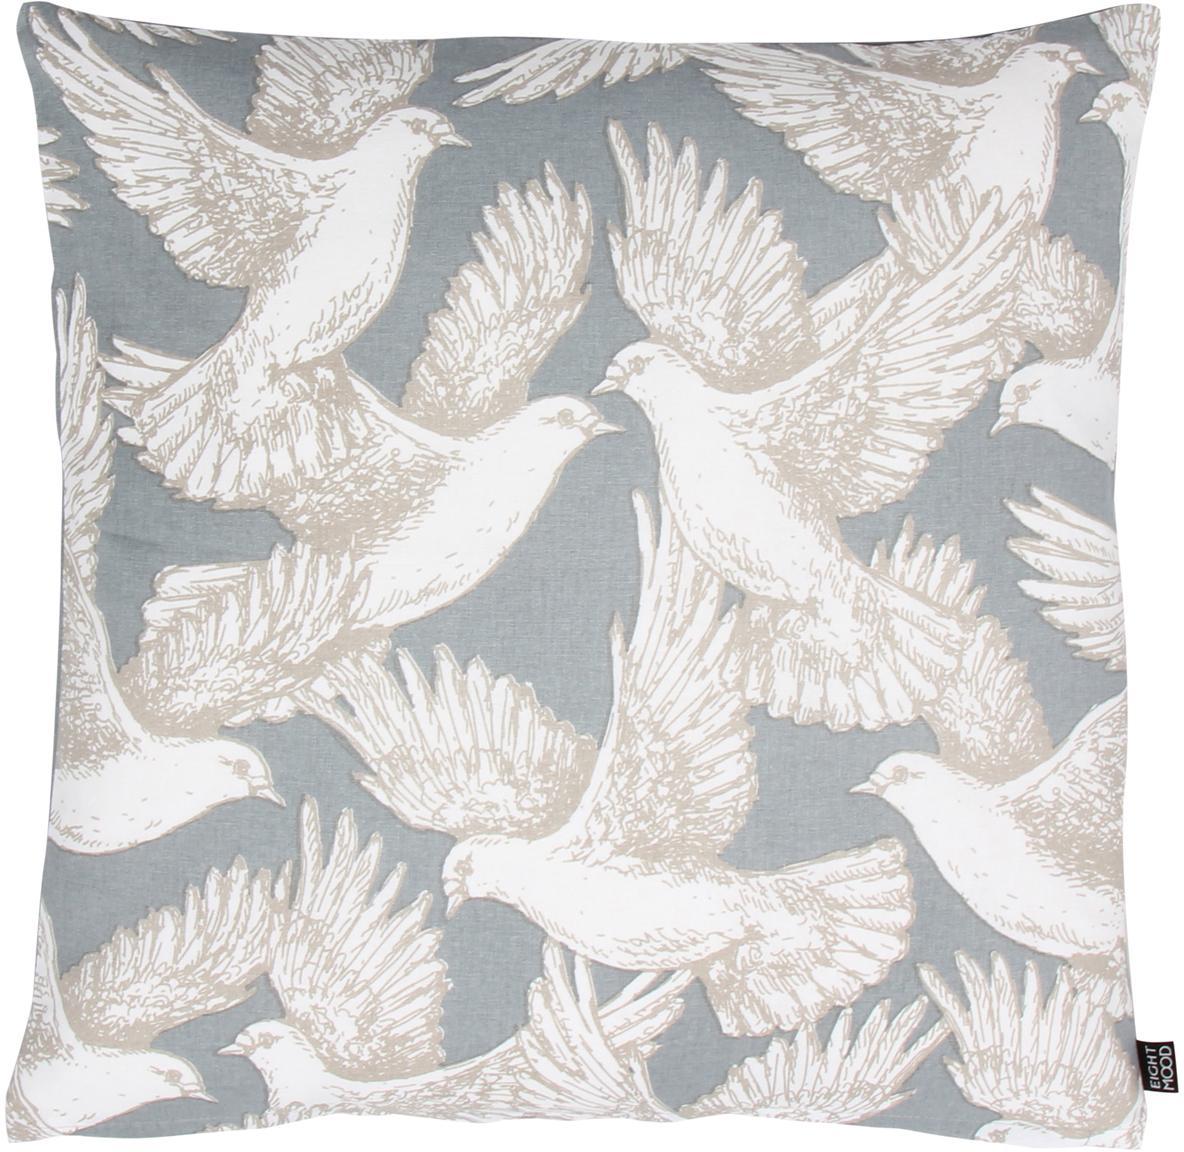 Kissenhülle Wings of Love mit Taubenmotiv, 100% Baumwolle, Hellblau, Weiß, 50 x 50 cm